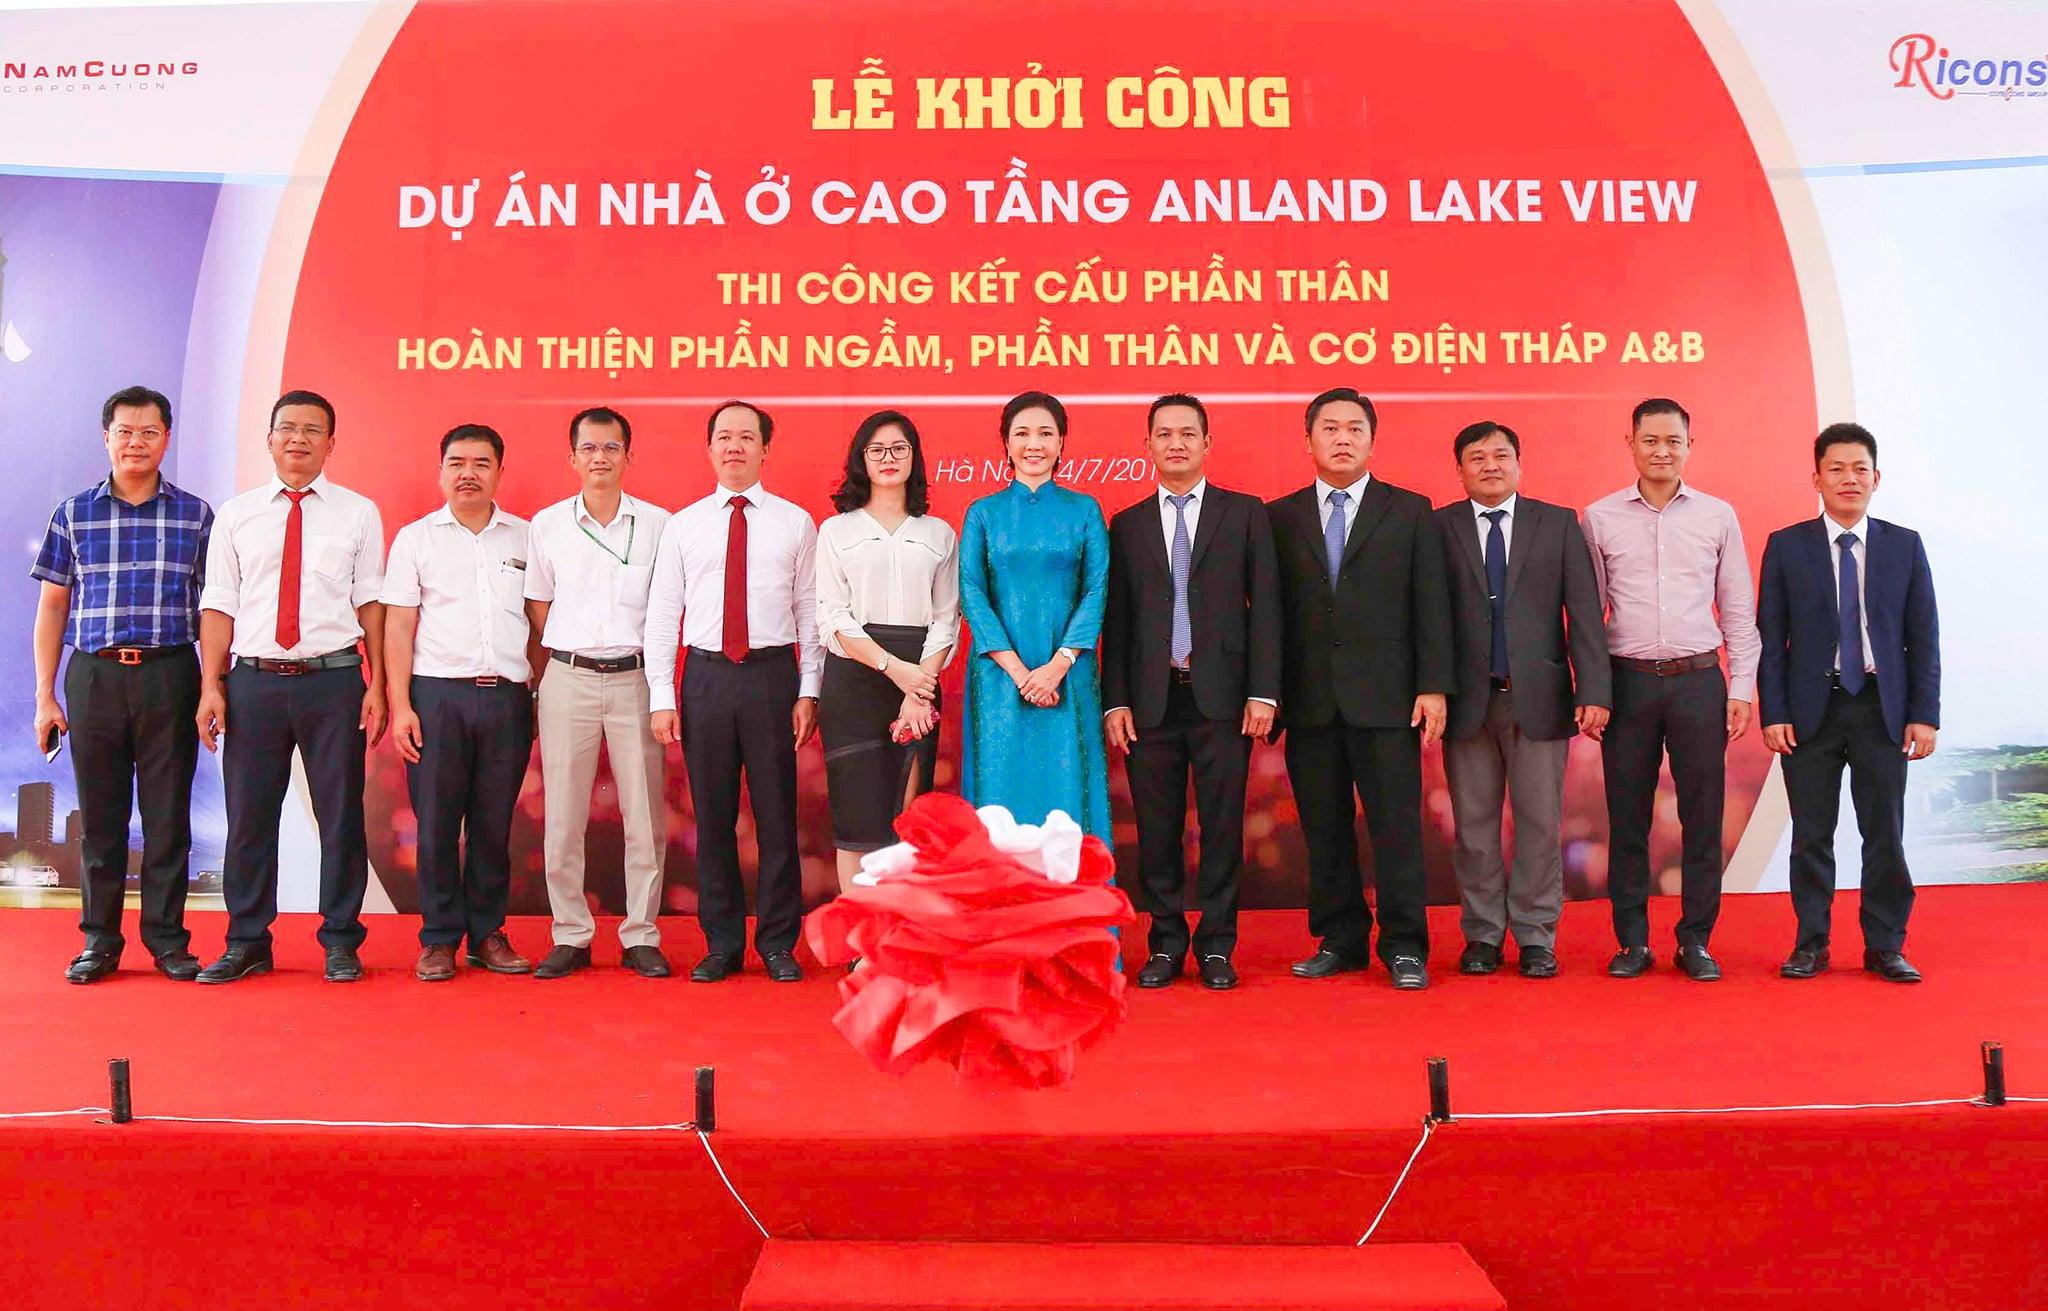 le khoi cong xay dung - Dịch vụ chụp hình công ty, doanh nghiệp tại Tp.HCM -HThao Studio